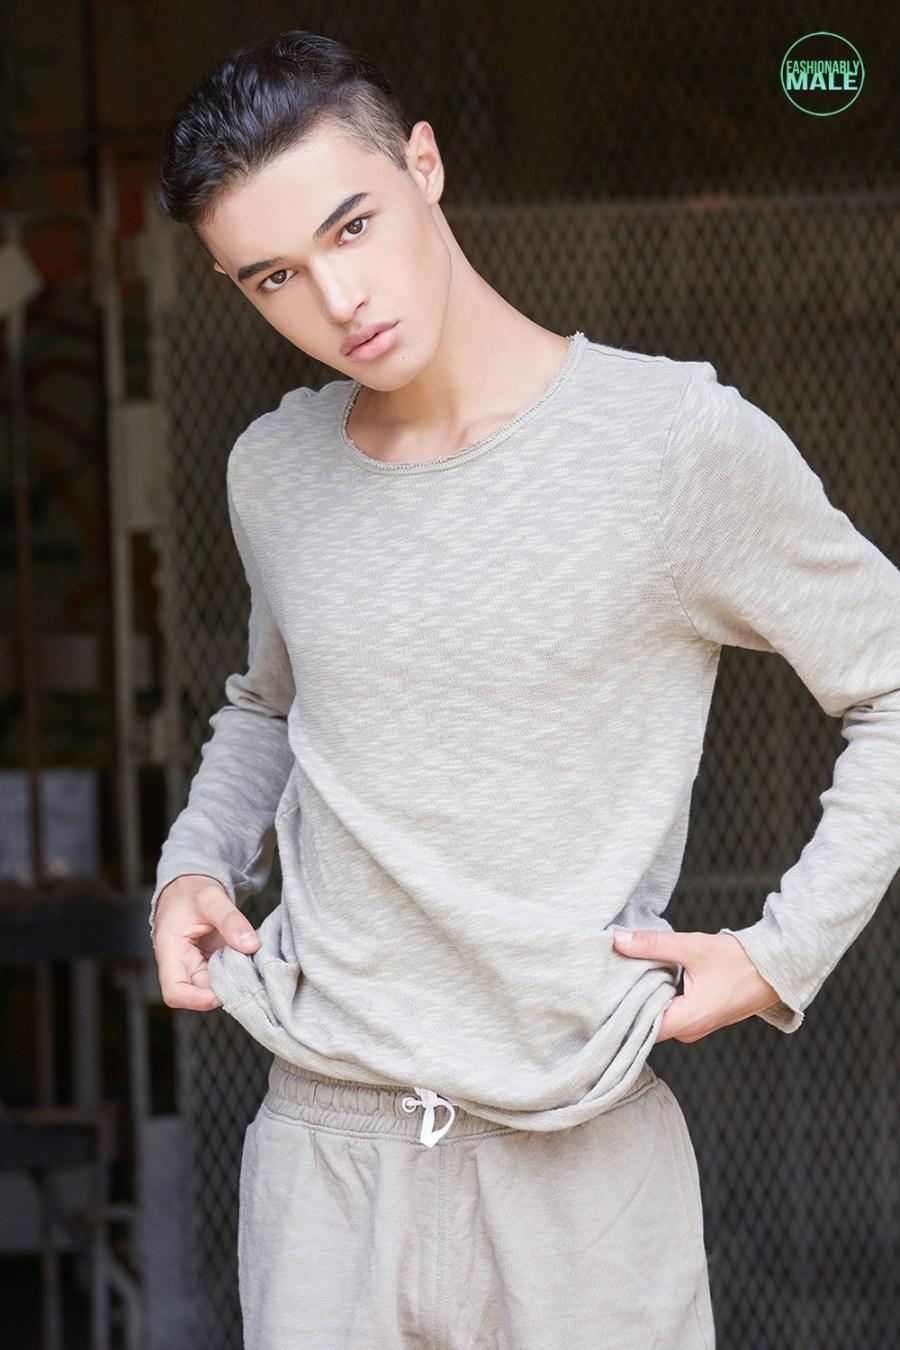 Seth McBride by Donato Di Natale for Fashionably Male6